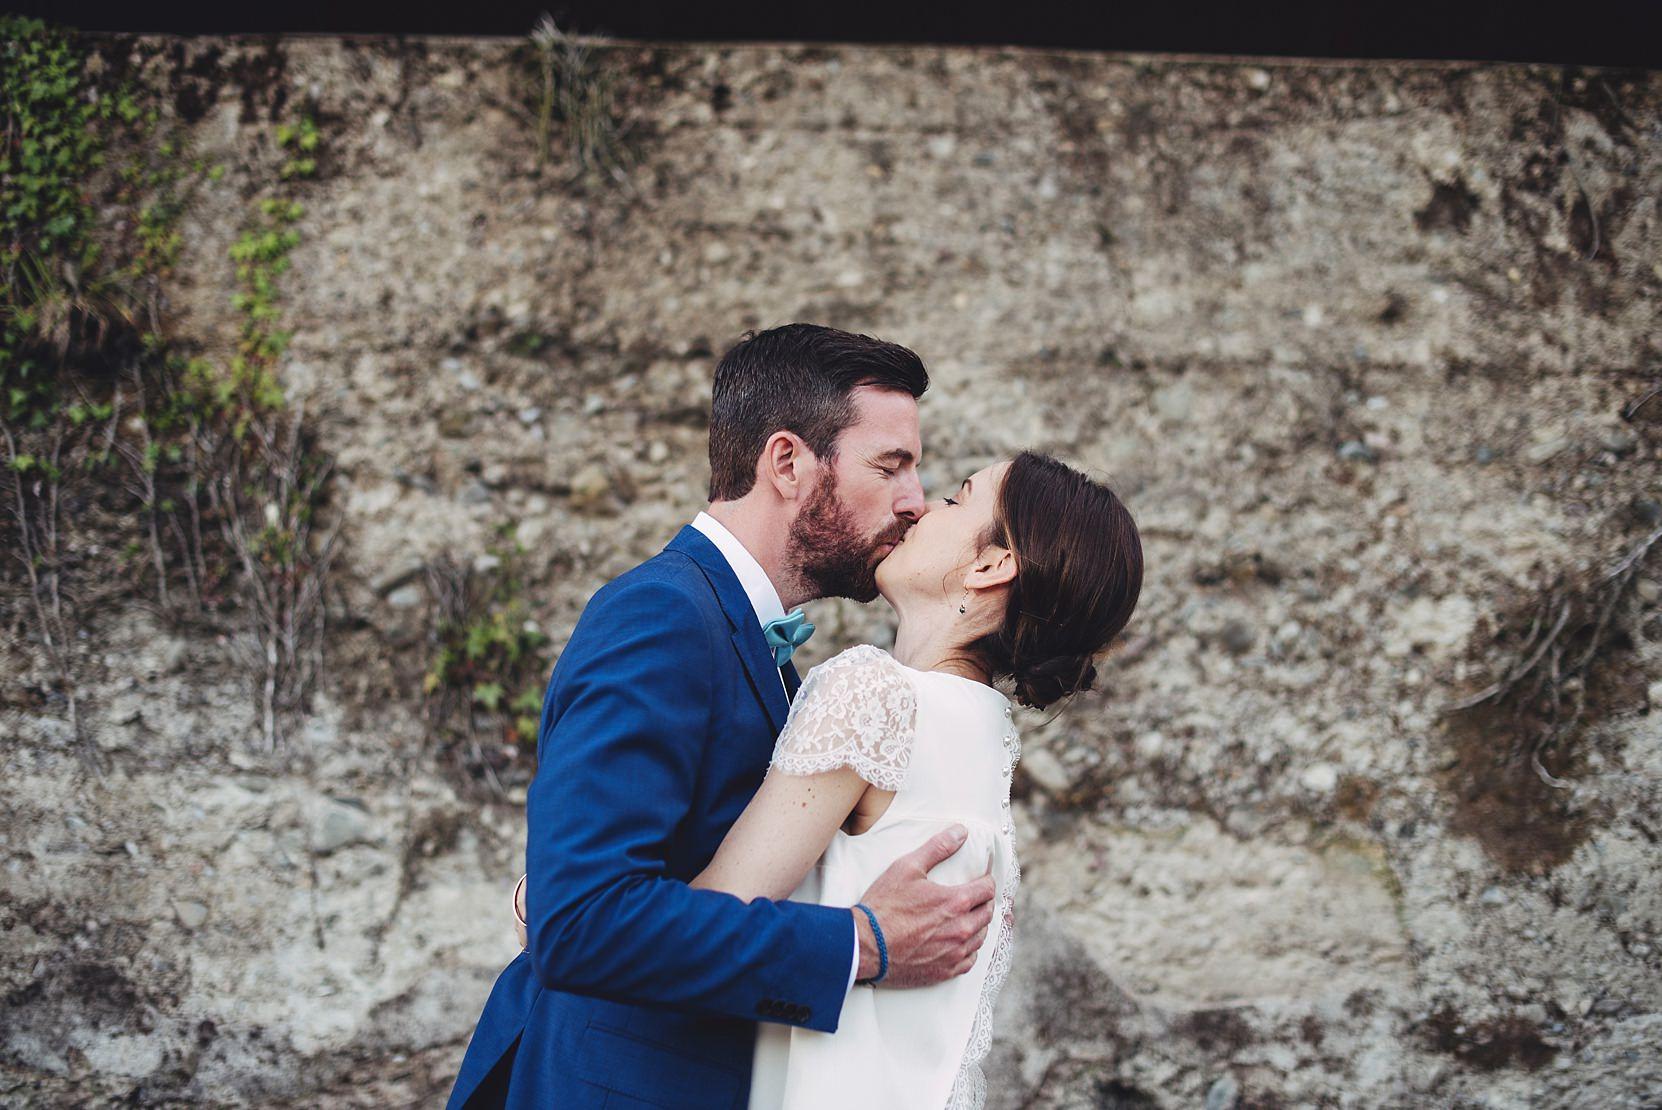 Bride and groom kissing at a wall at a wedding